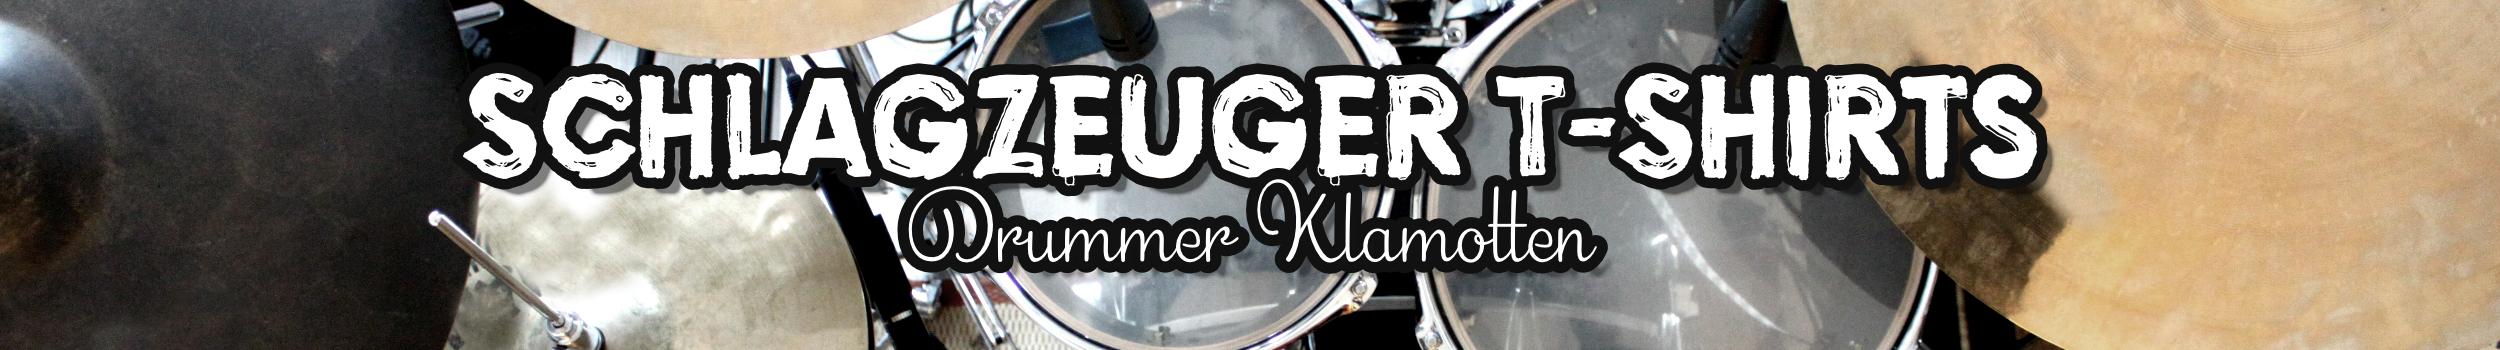 Drummer Shirt & Klamotten für Schlagzeuger